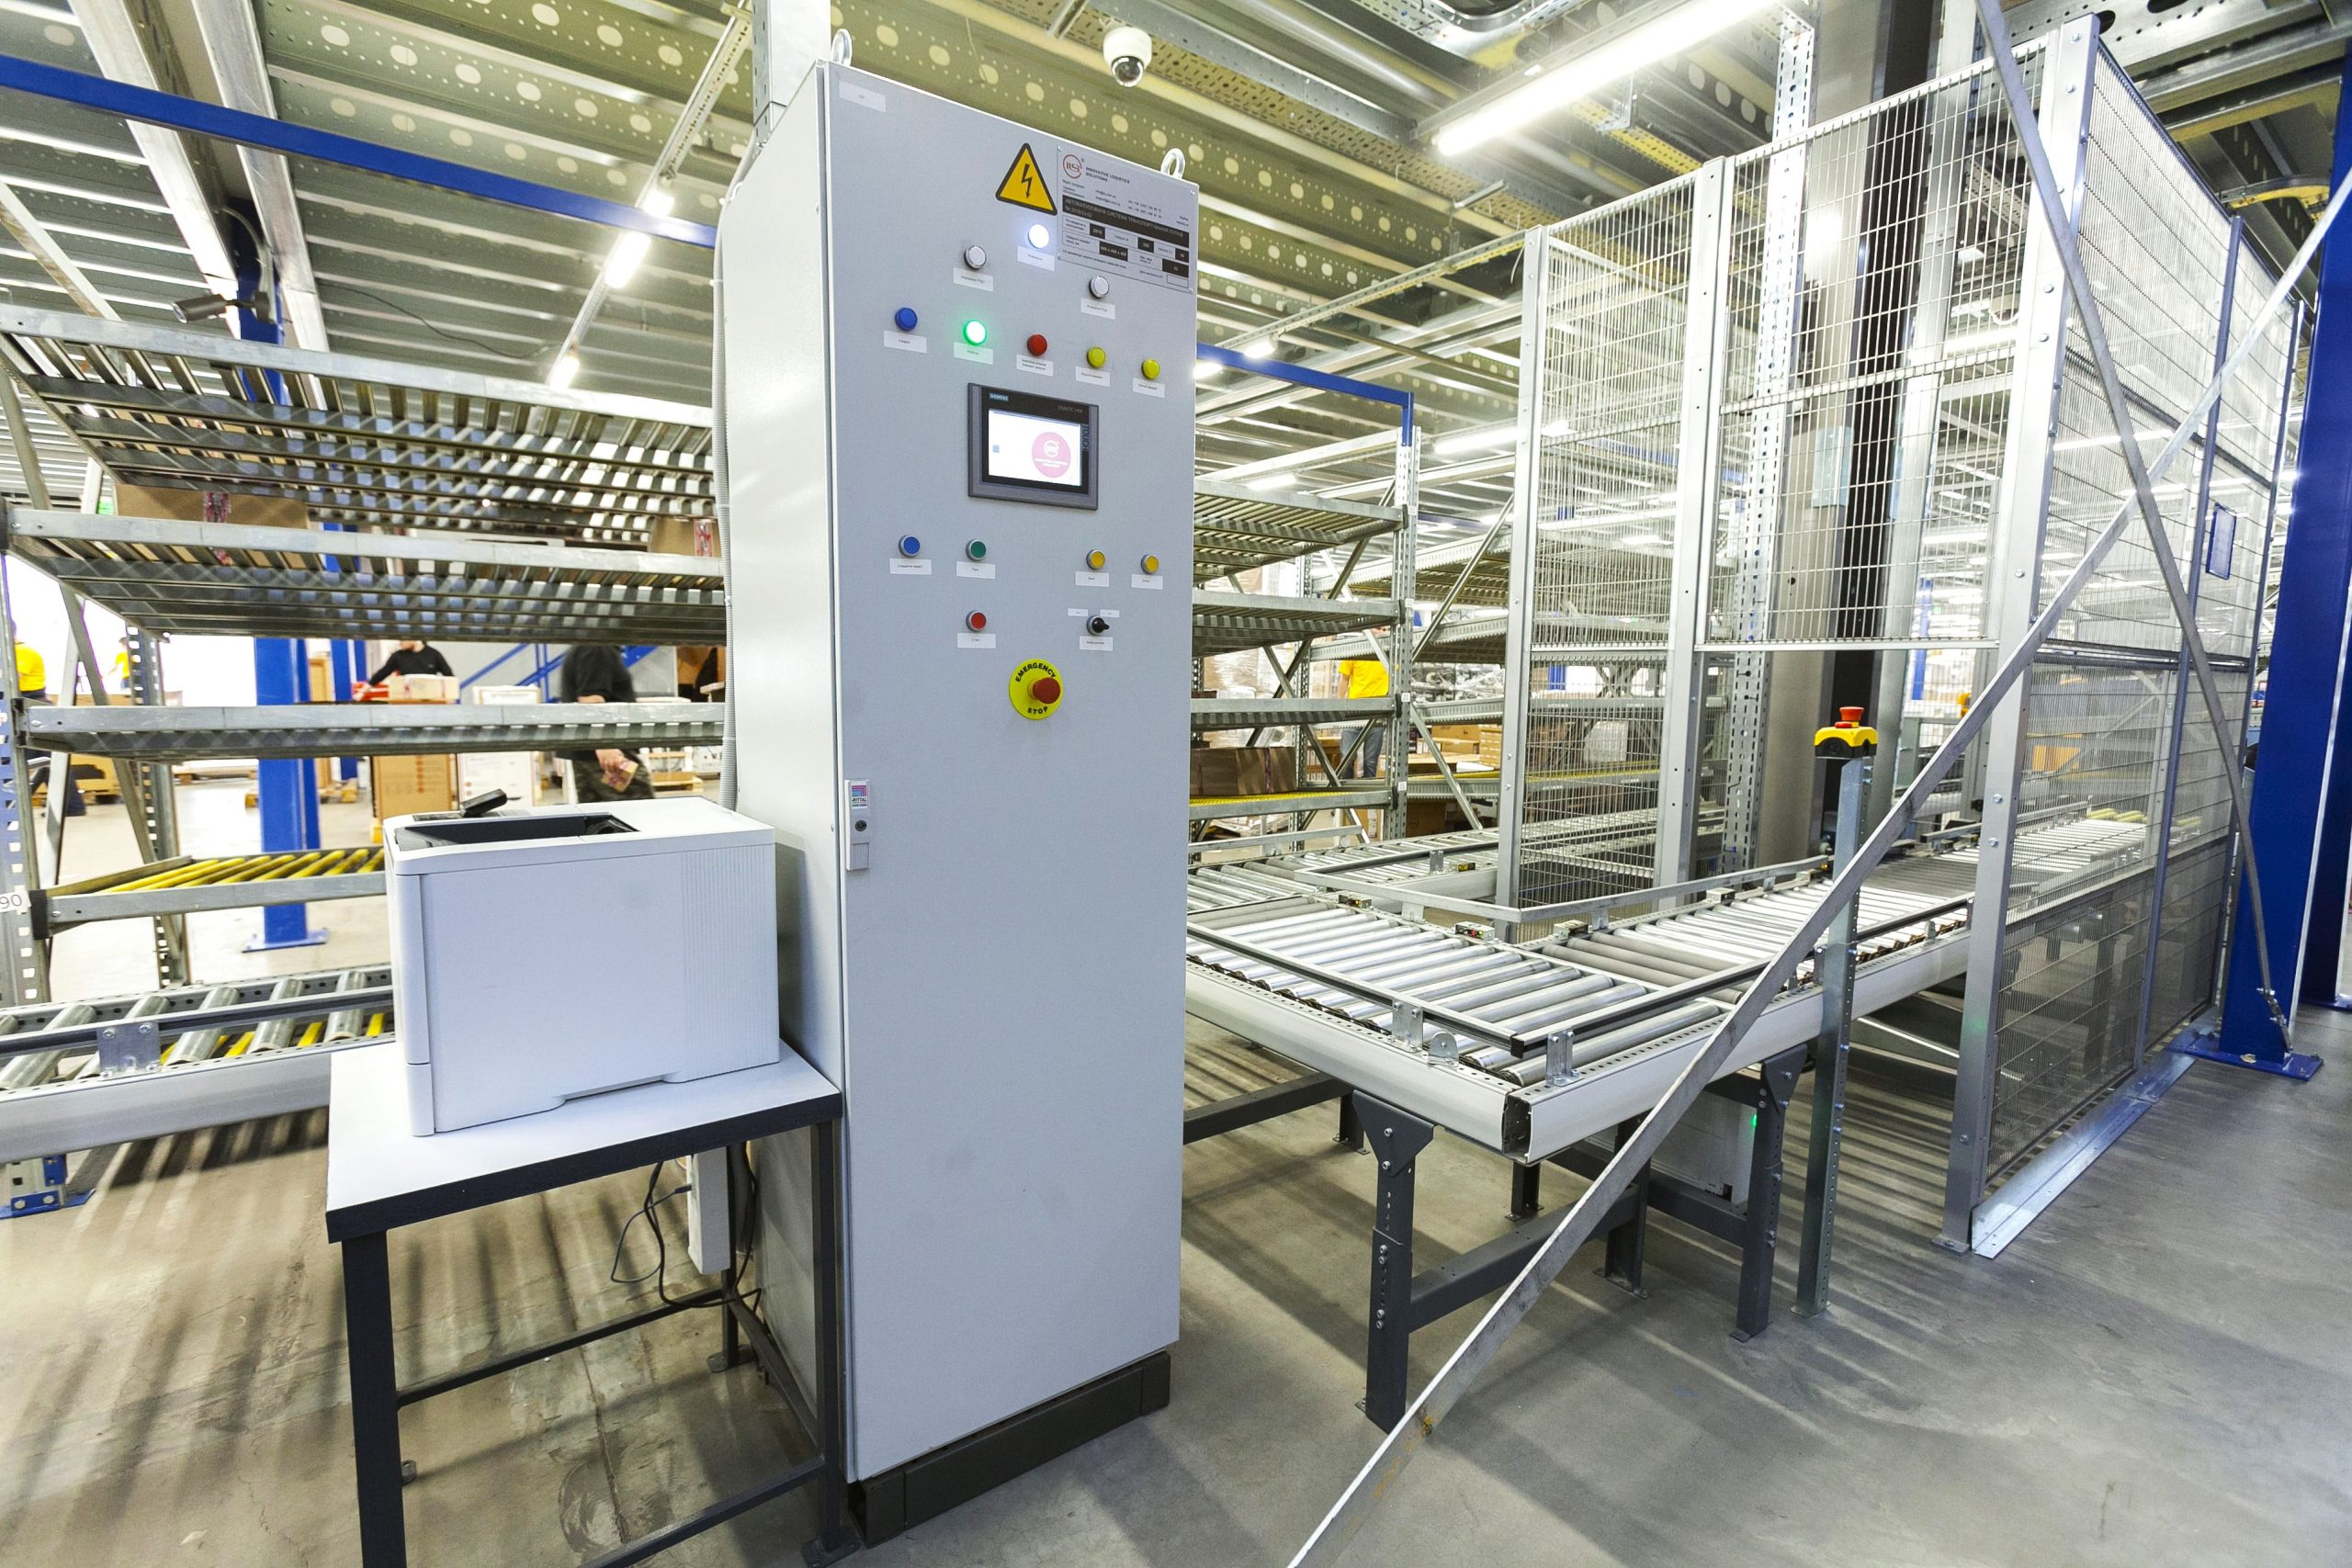 ERC warehouse automation, equipment distributor - 3 - kapelou.com